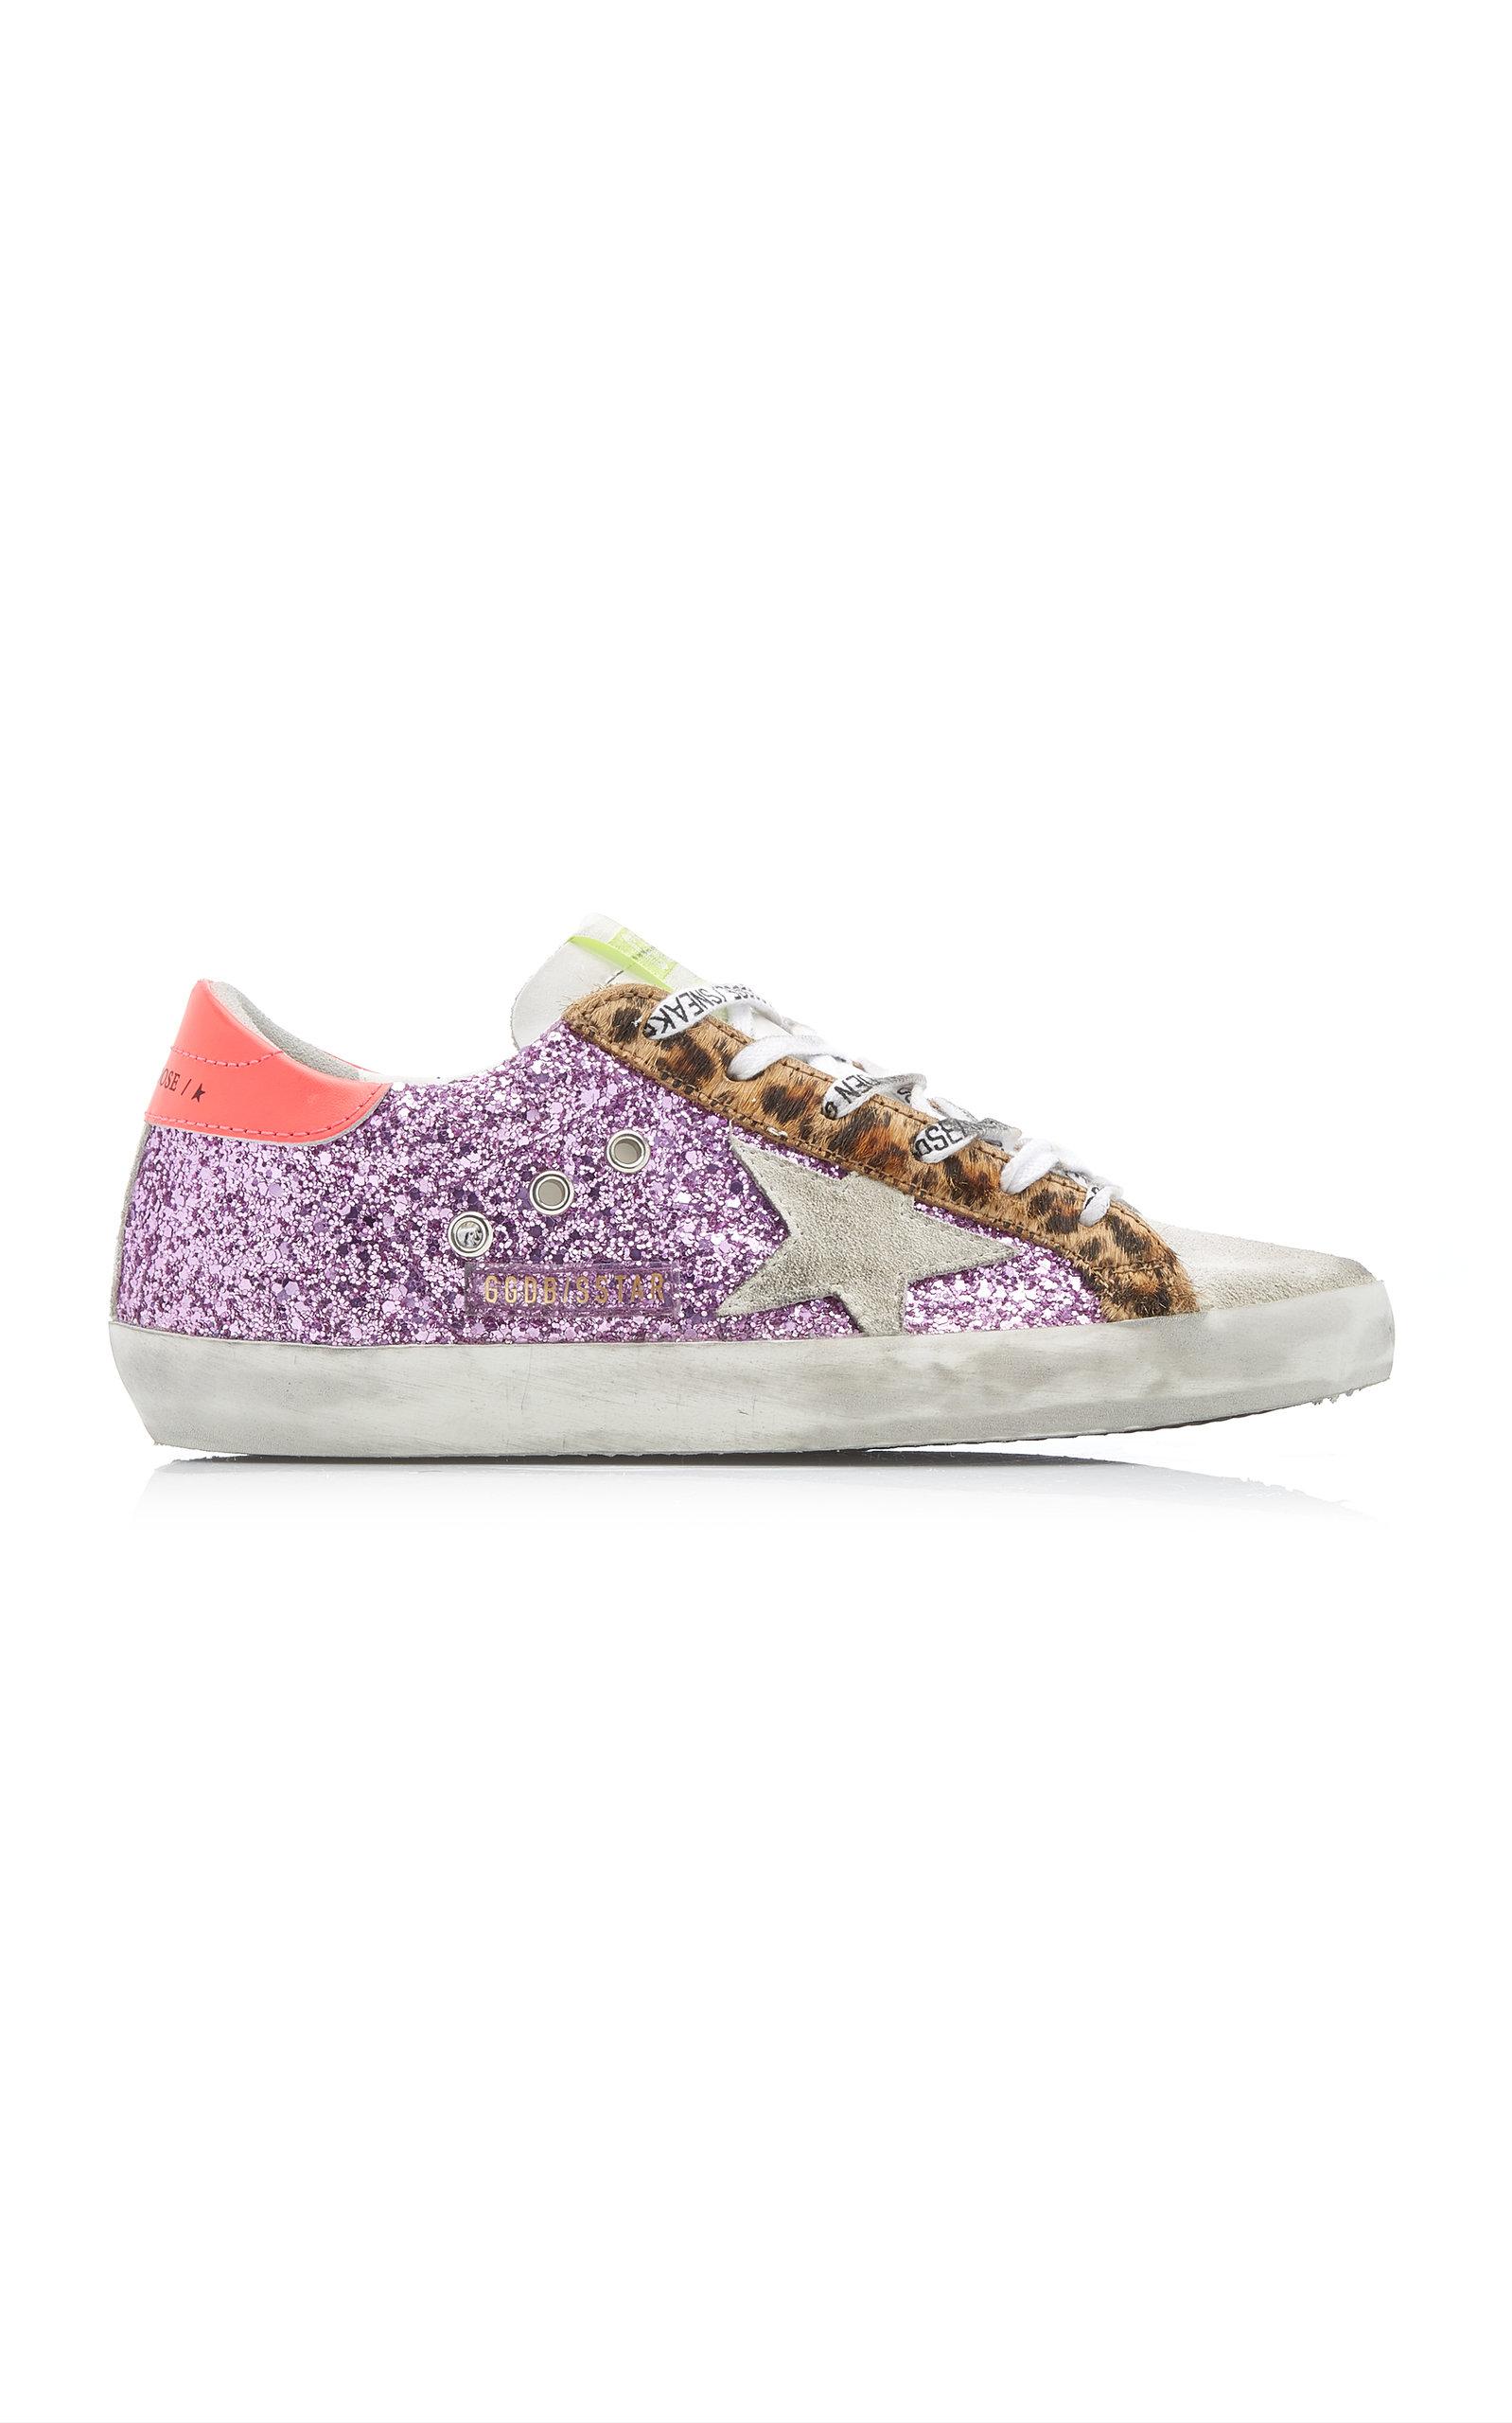 Golden Goose - Women's Superstar Low-Rise Glittered Suede Sneakers  - Purple - Moda Operandi